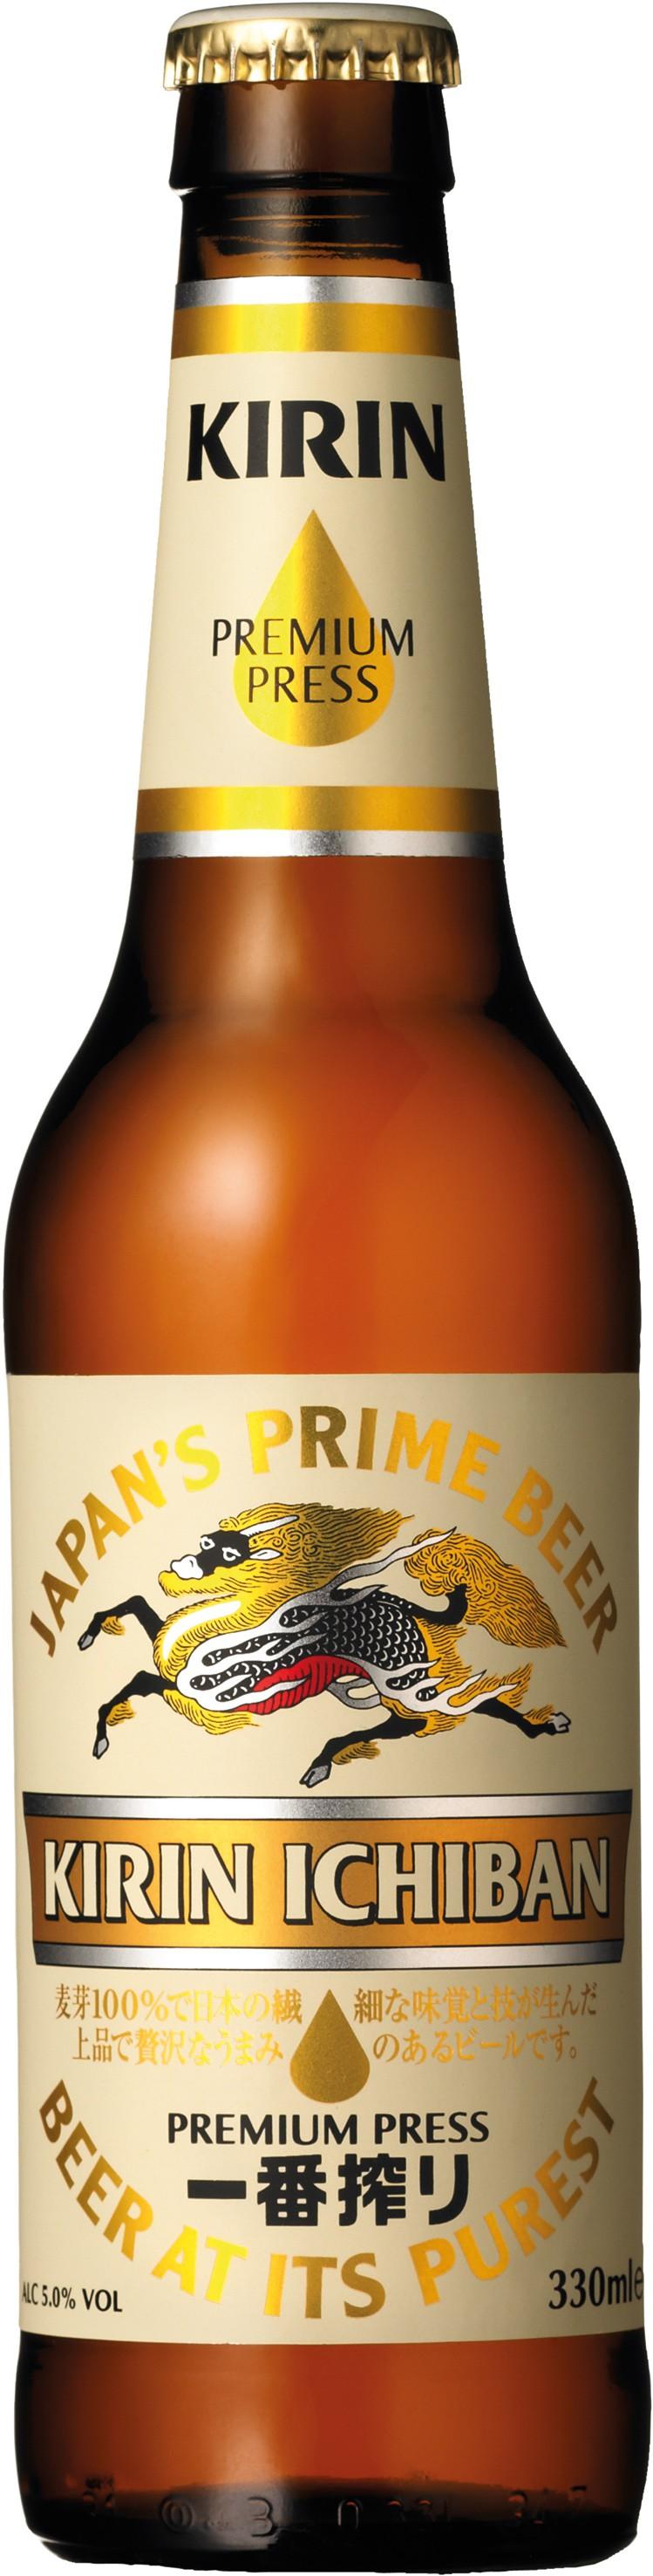 Mahou 5 Estrellas>>>>>>>>>>>>>>>>>>>>>>>IPAS - Página 5 Cerveza-japonesa-kirin-ichiban-33-cl